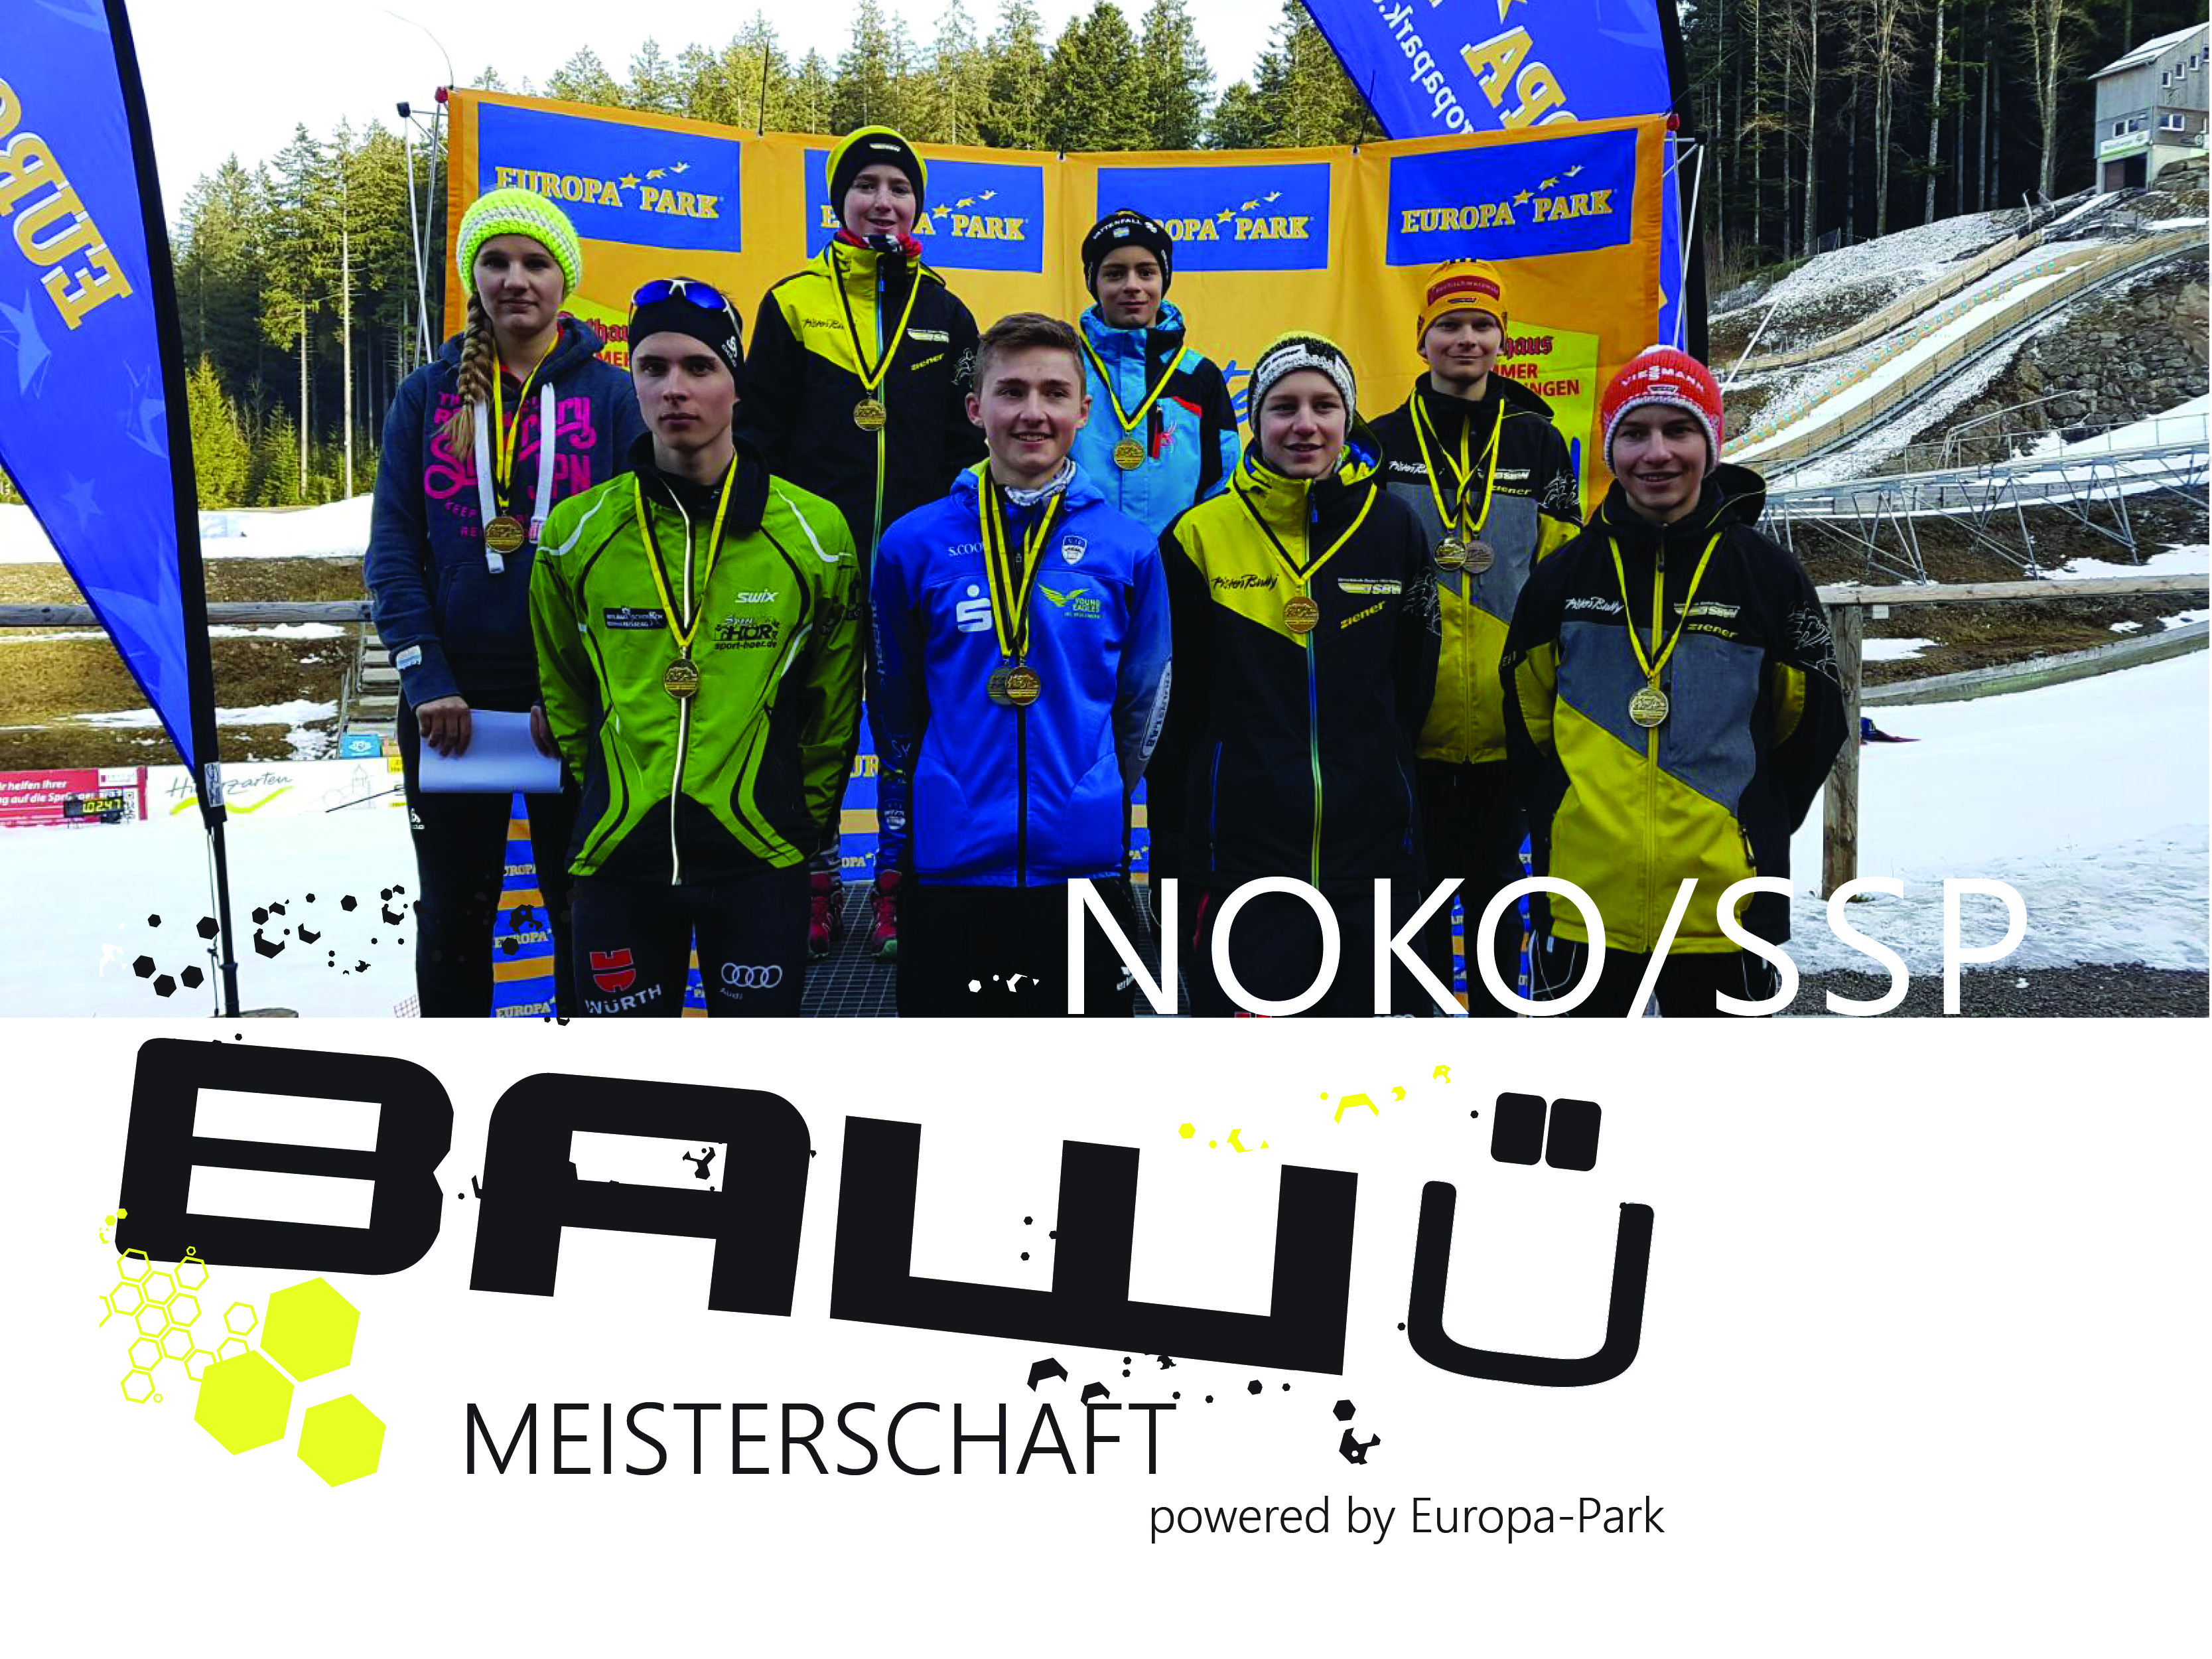 Ba-Wü Meisterschaften Noko und SSP